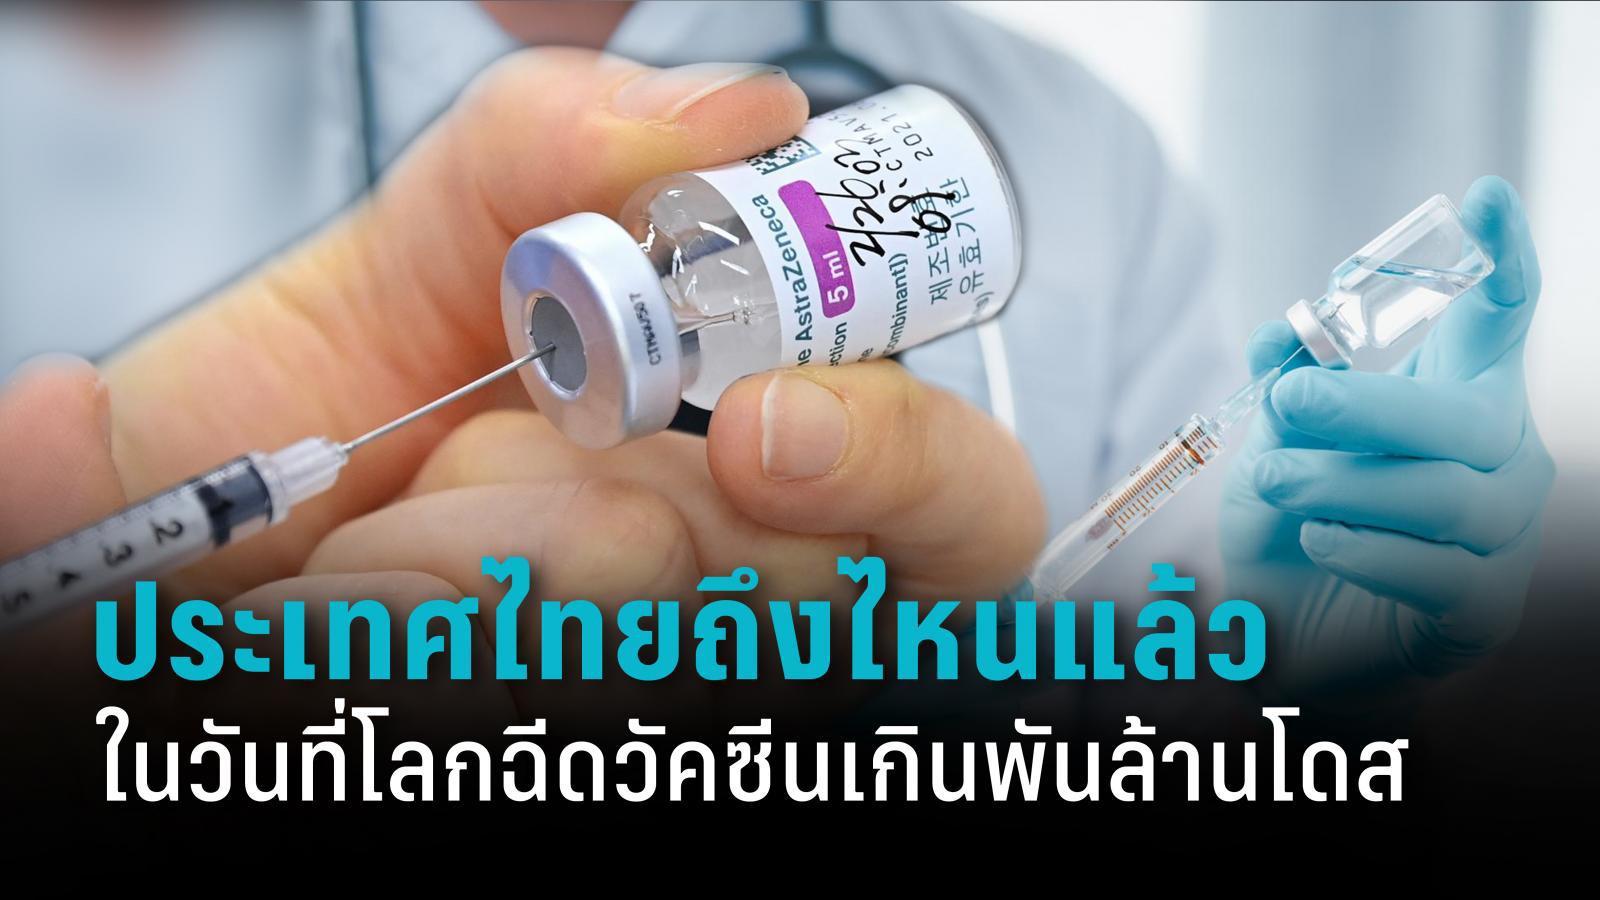 ไทยอยู่ตรงไหน? เมื่อโลกฉีดวัคซีนโควิด-19 ไปแล้ว 1 พันล้านโดส